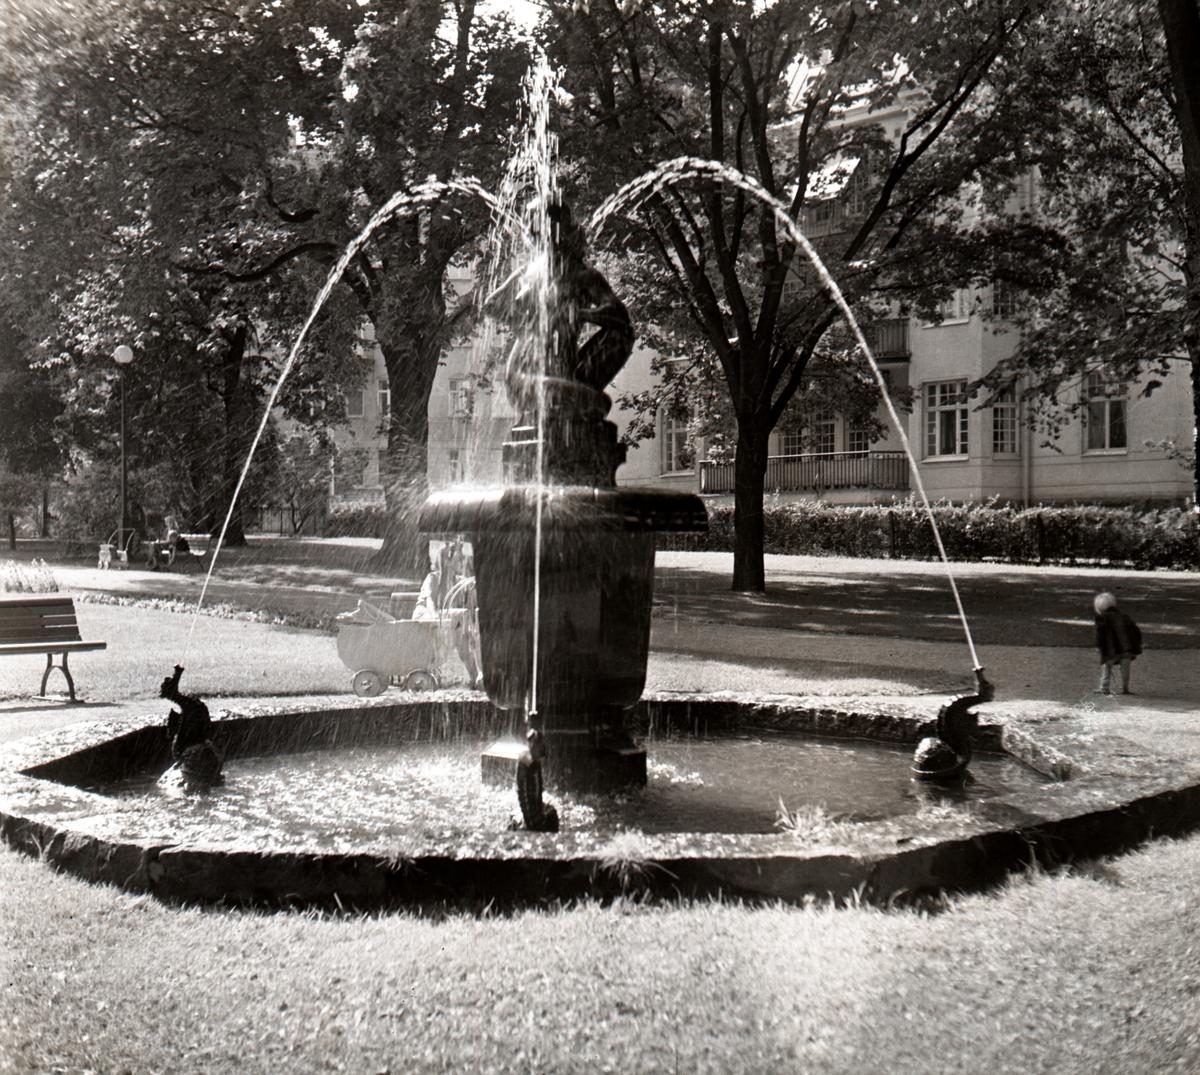 Skulpturen Fontänfigur invigdes 1922, fotografiet är från år 1940. Springbrunnen i Järnvägsparken av Gottfrid Larsson, 1922 är gjord i brons. Skulpturen är bekostad med pengar från hantverksutställningen1922. Skulpturen står på ett kalkformat fundament placerat i en åttkantig stenbassäng, där fyra små sjöhästar sprutar vatten. Den nakna, knäsittande kvinnan var tänkt att samspela med flera figurer i en större grupp av sjöhästar och tritoner. Det ger en förklaring till den underliga sprialvridna ställningen som gjort att konstverket i folkmun kallas för Damen med loppan. Skulpturen står på norra sidan av Järnvägsparken.